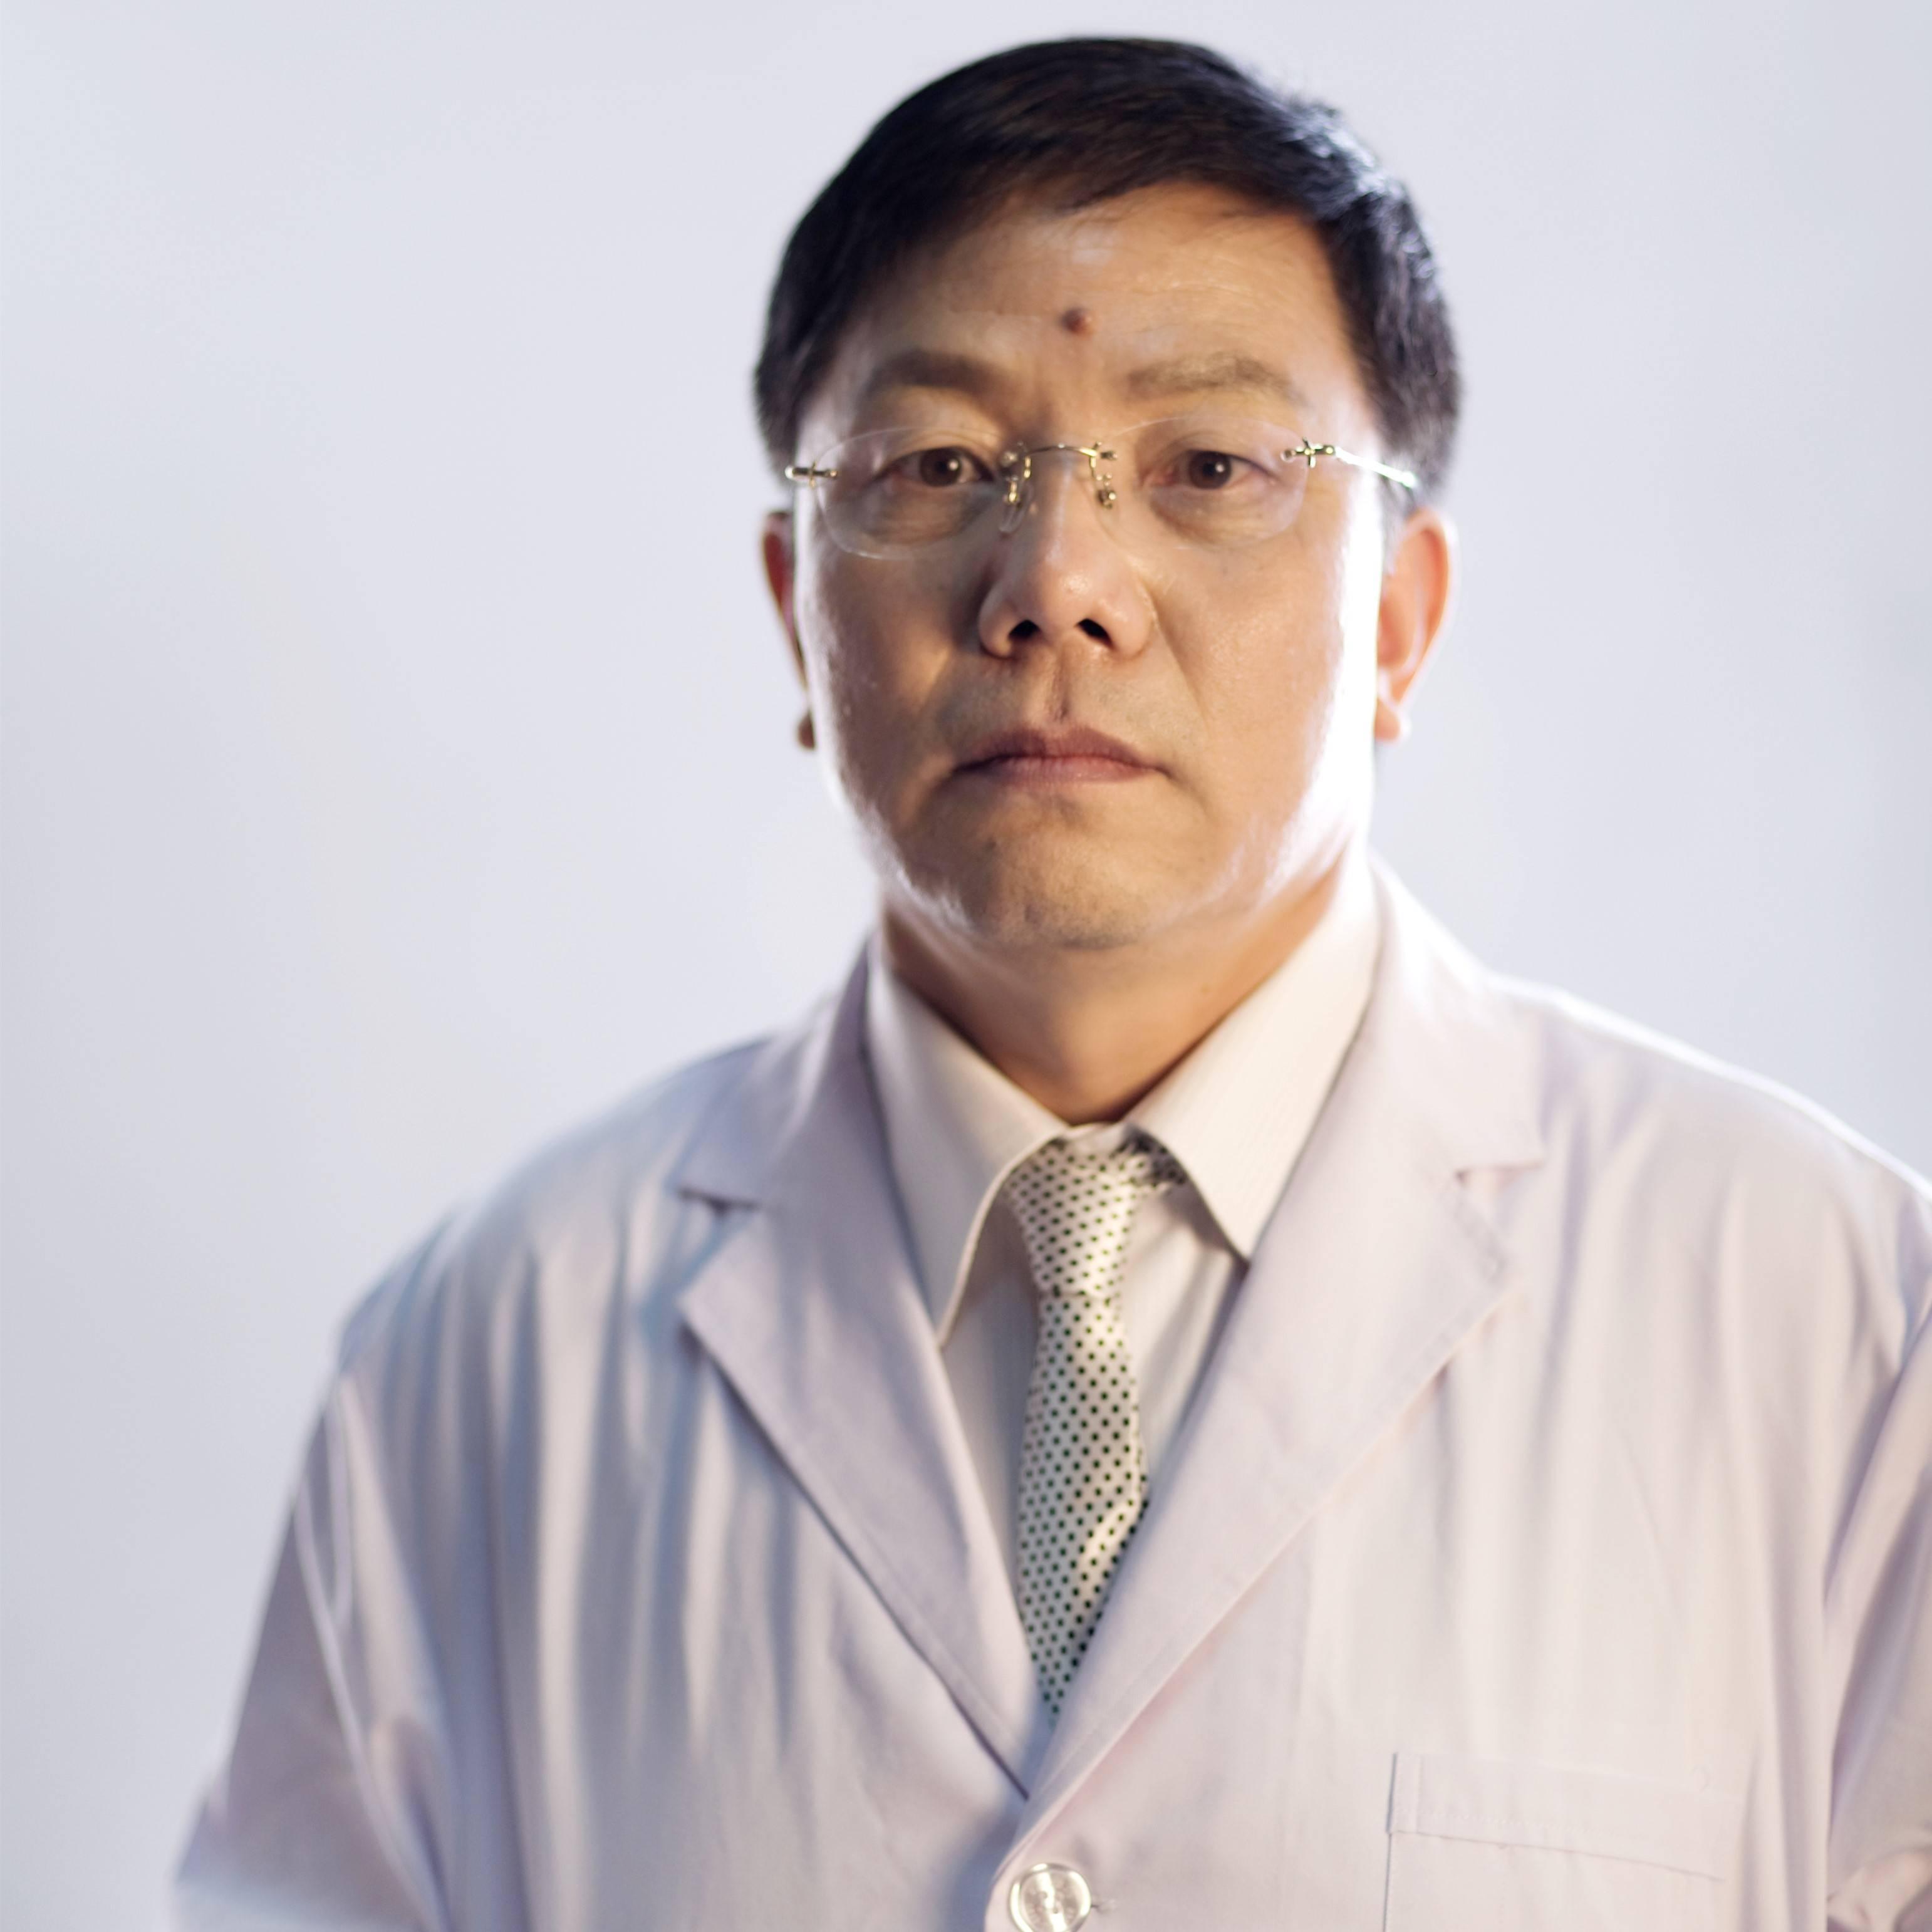 张建强医生